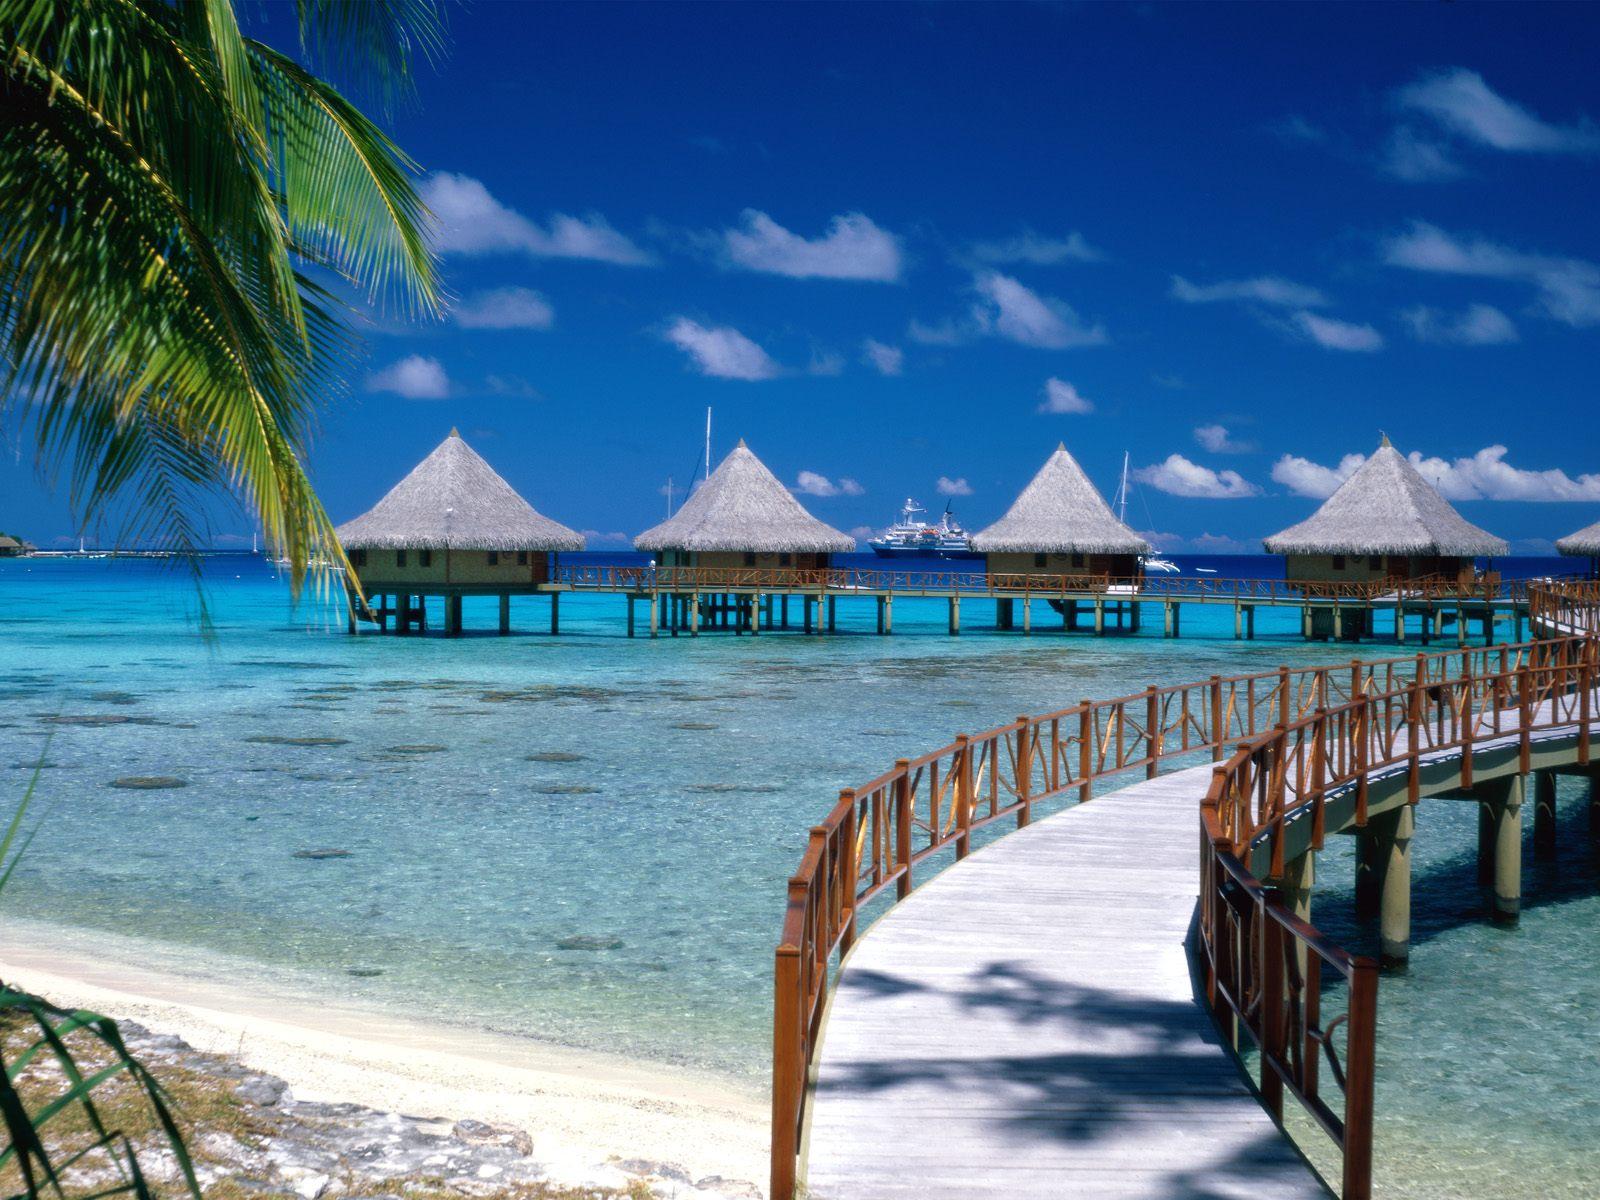 Denizin Üstündeki Dinlenme Yeri